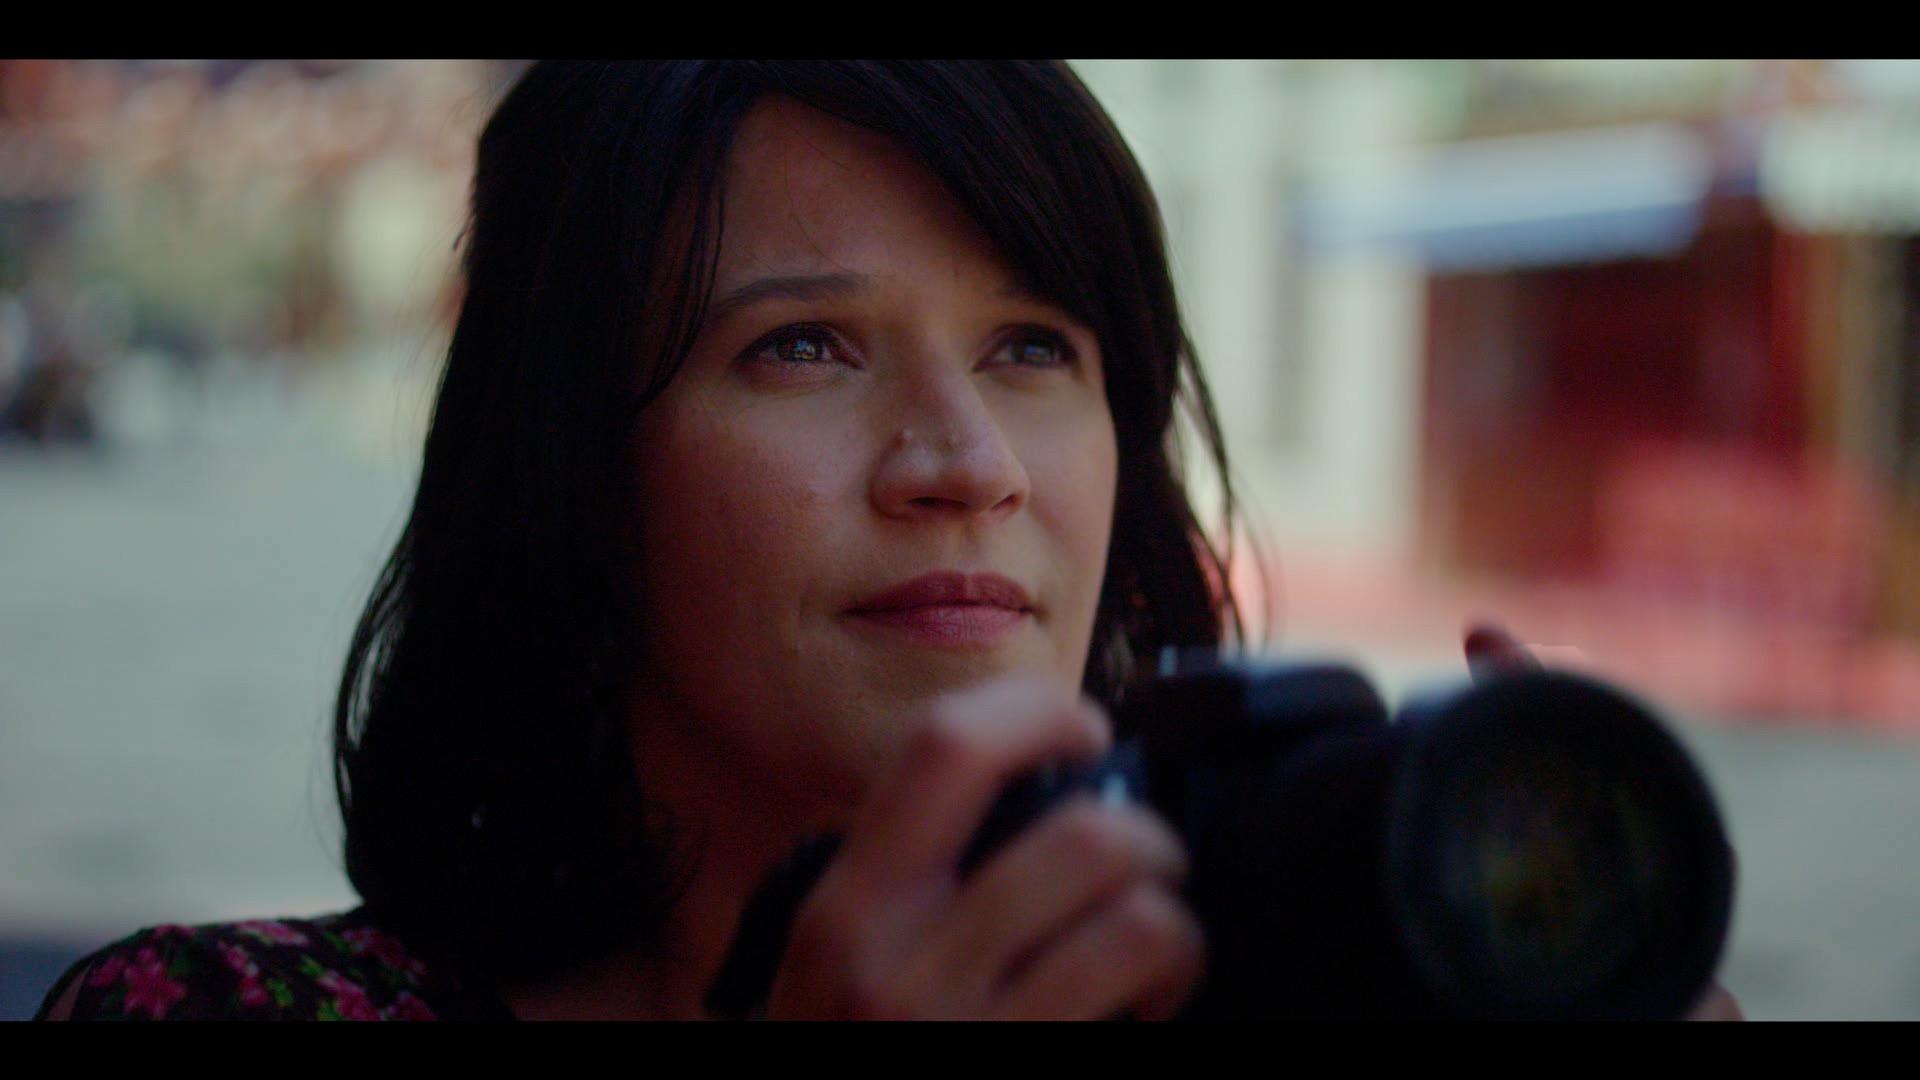 Nan, played by Rebekah Tripp